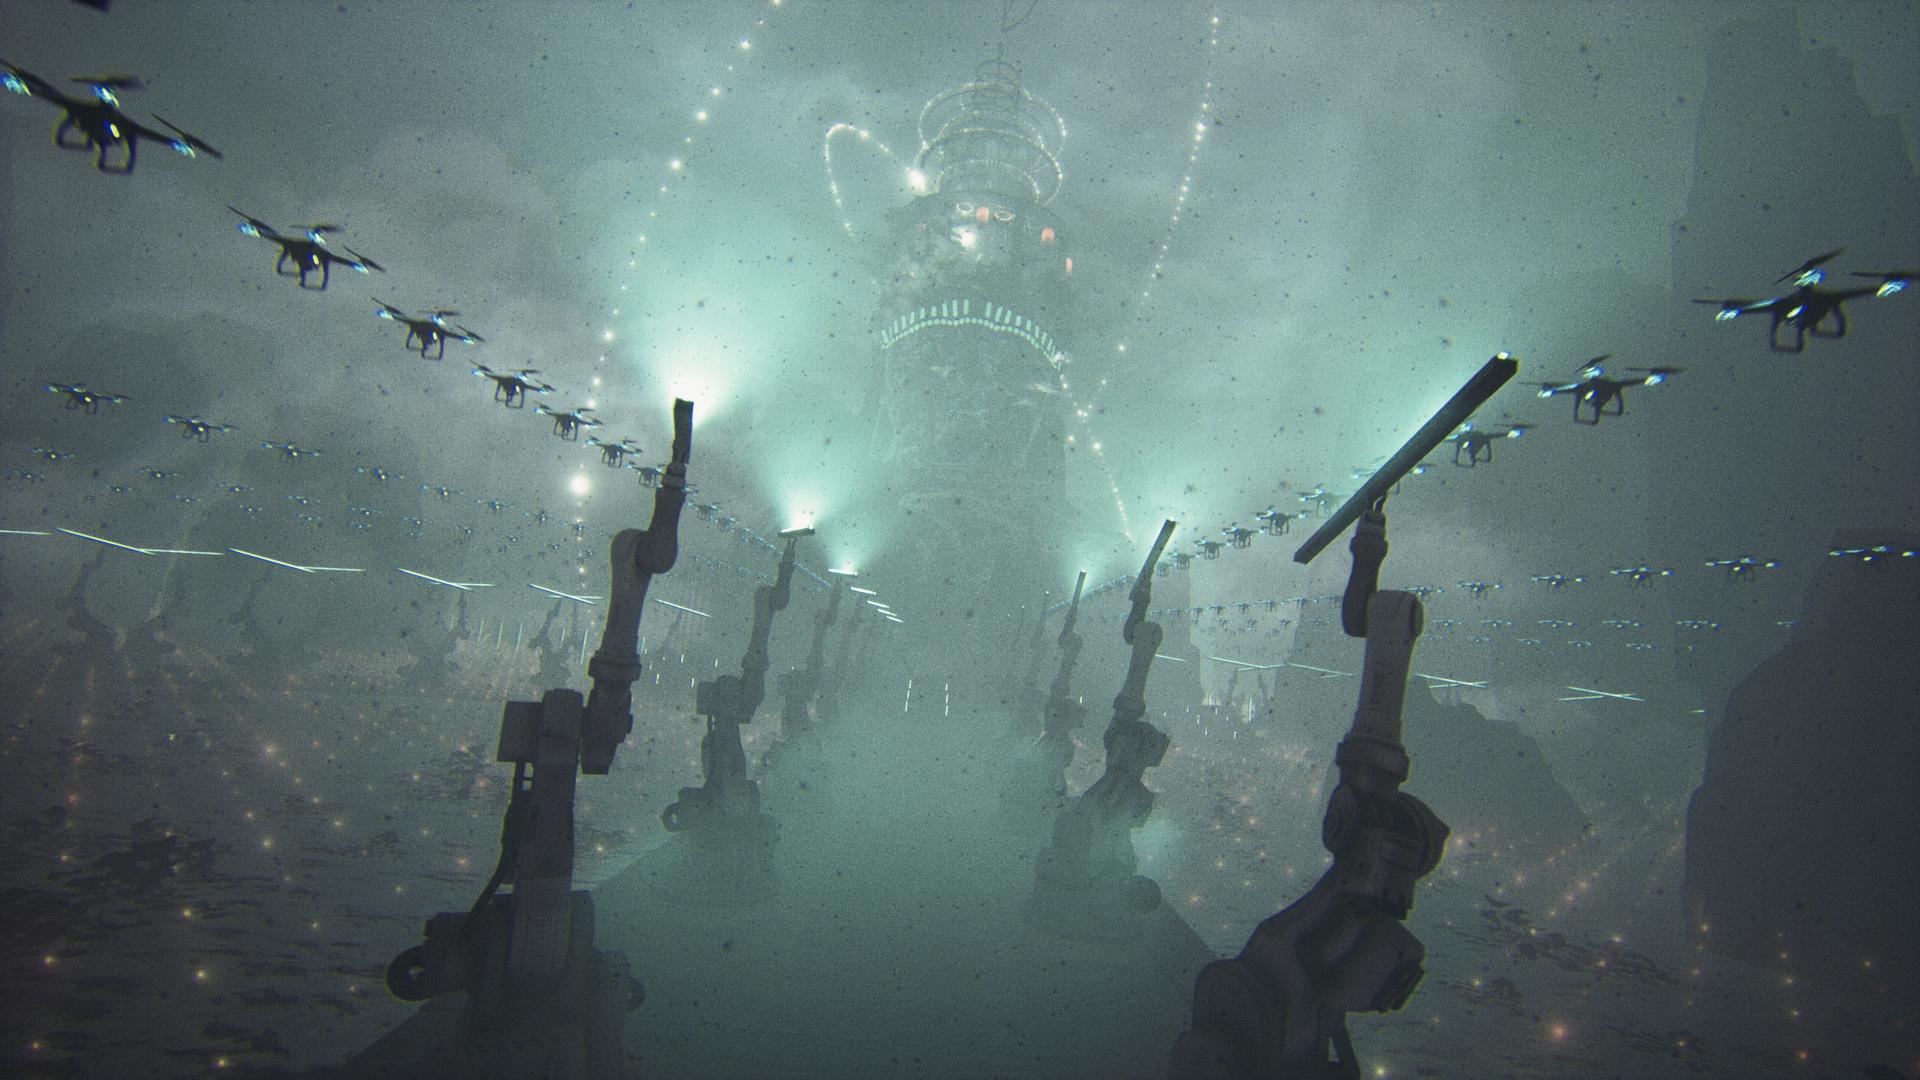 robots drones fog film still